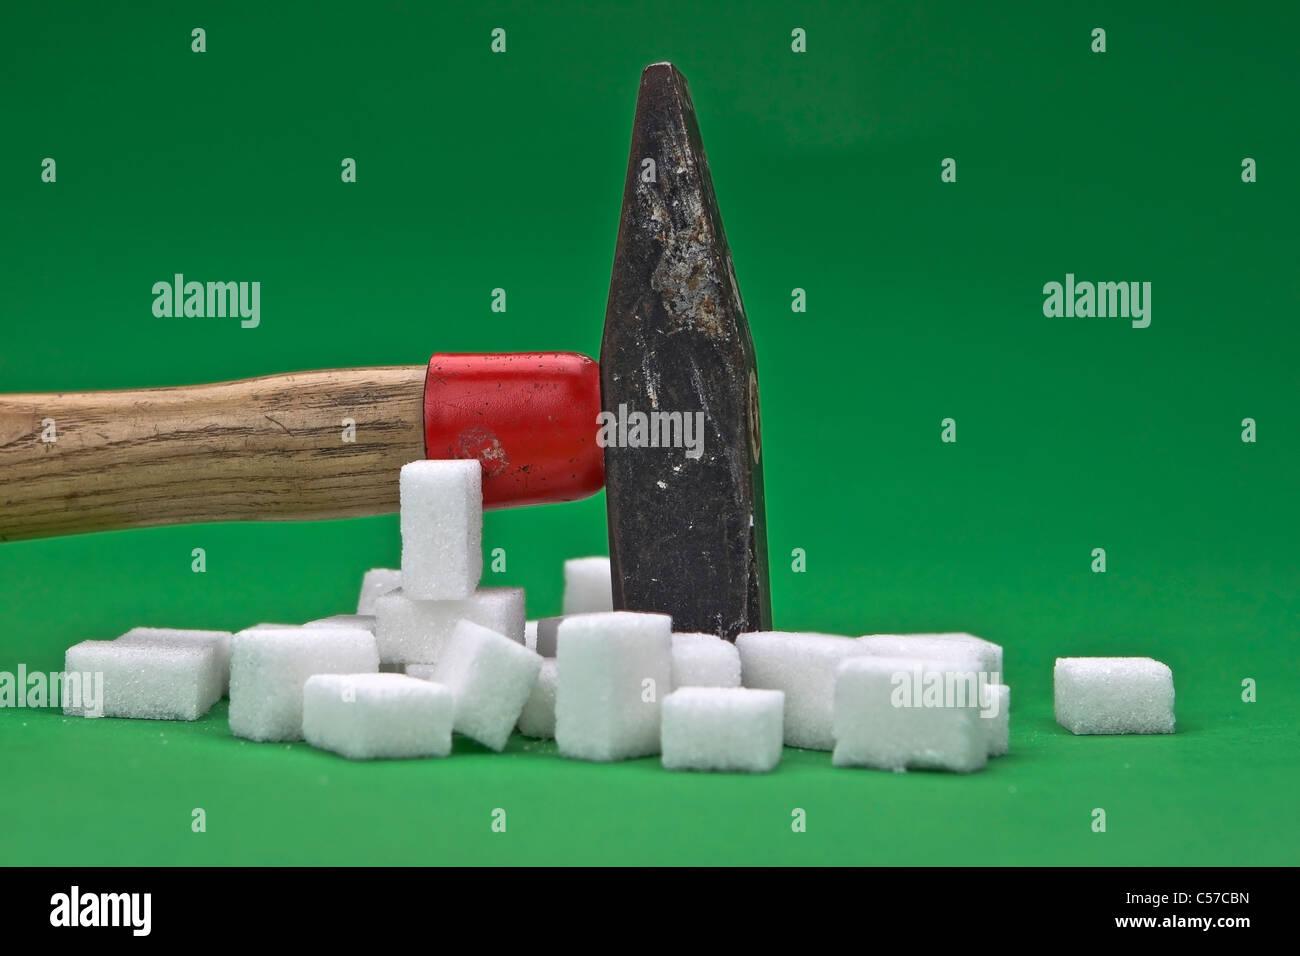 einen Hammer der störenden Würfelzucker für eine gesündere Ernährung in der Zukunft liegt Stockbild